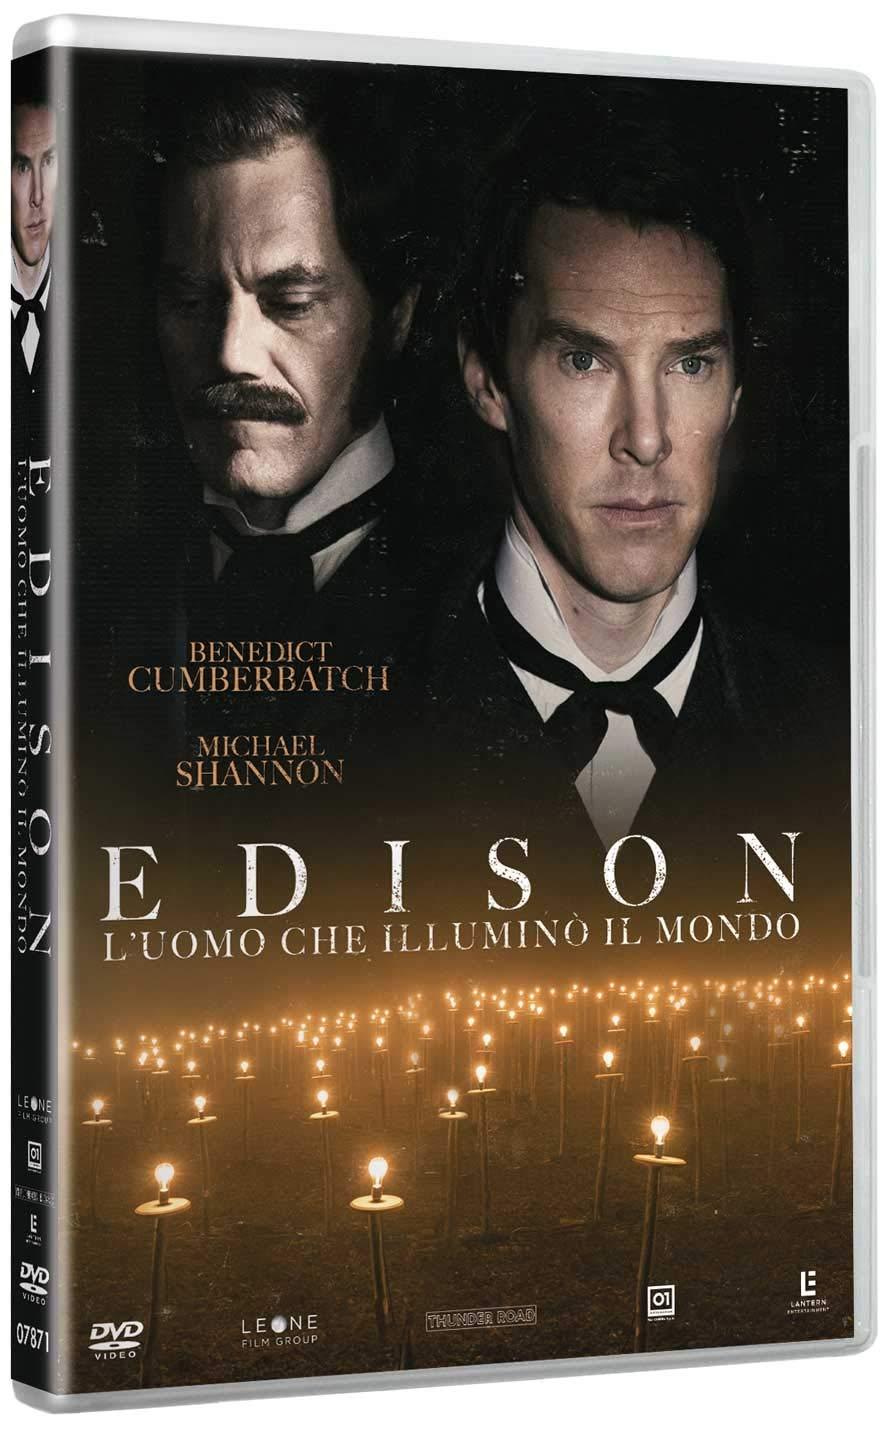 EDISON - L'UOMO CHE ILLUMINO' IL MONDO (DVD)